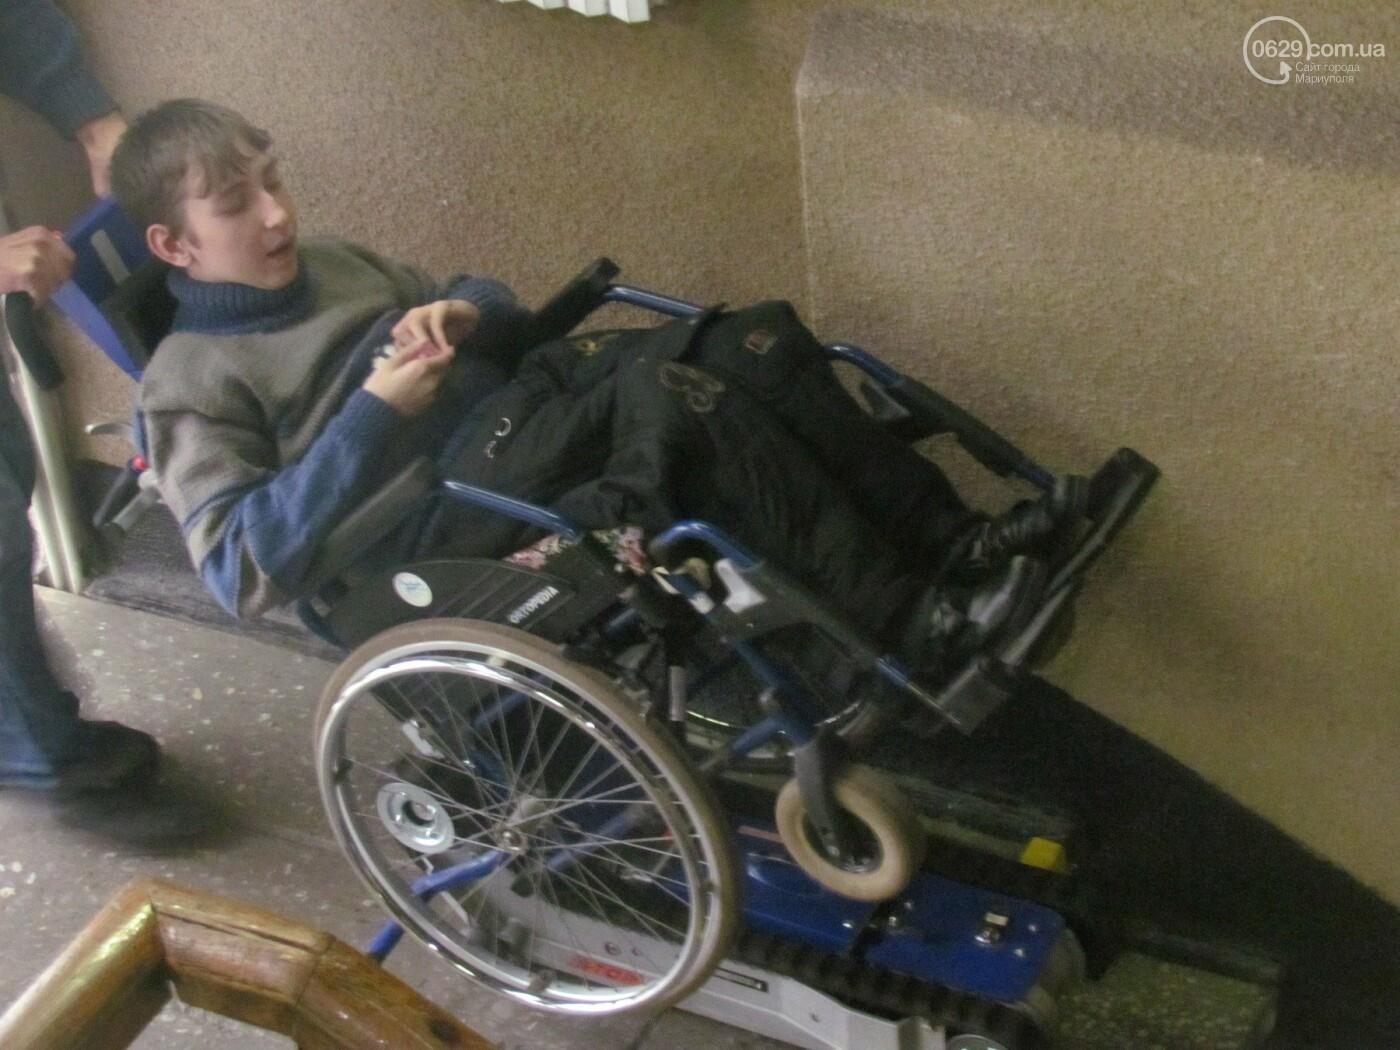 В Украинском доме установили подъемник для детей с инвалидностью, - ФОТО, фото-3